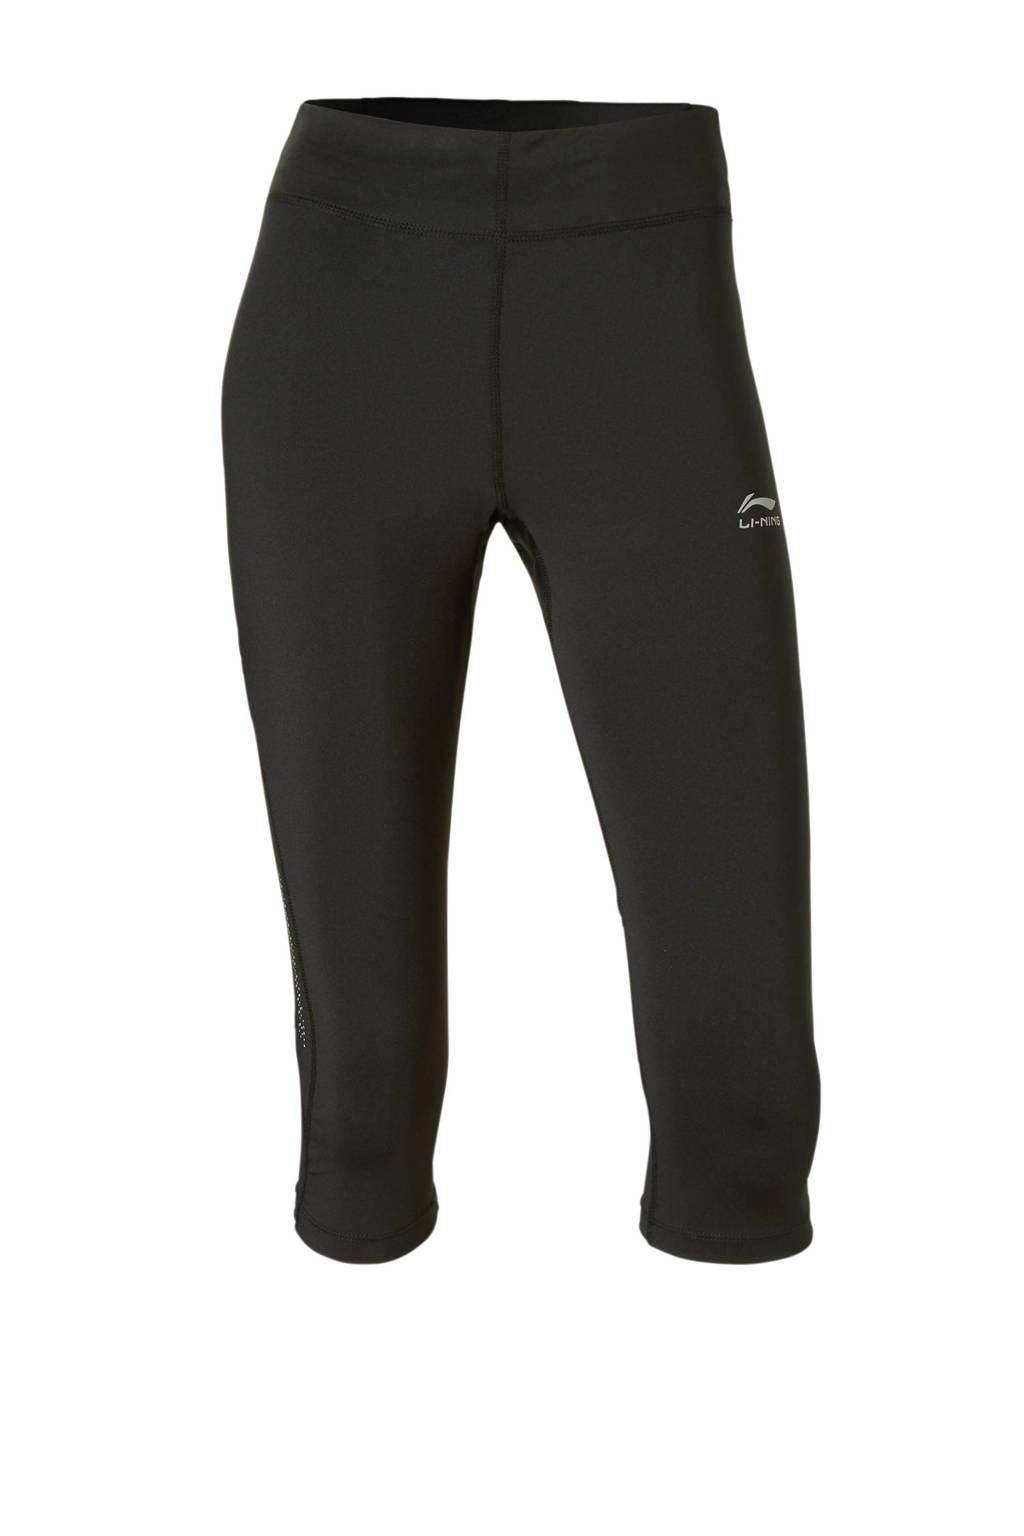 Li-Ning sportcapri zwart, Zwart